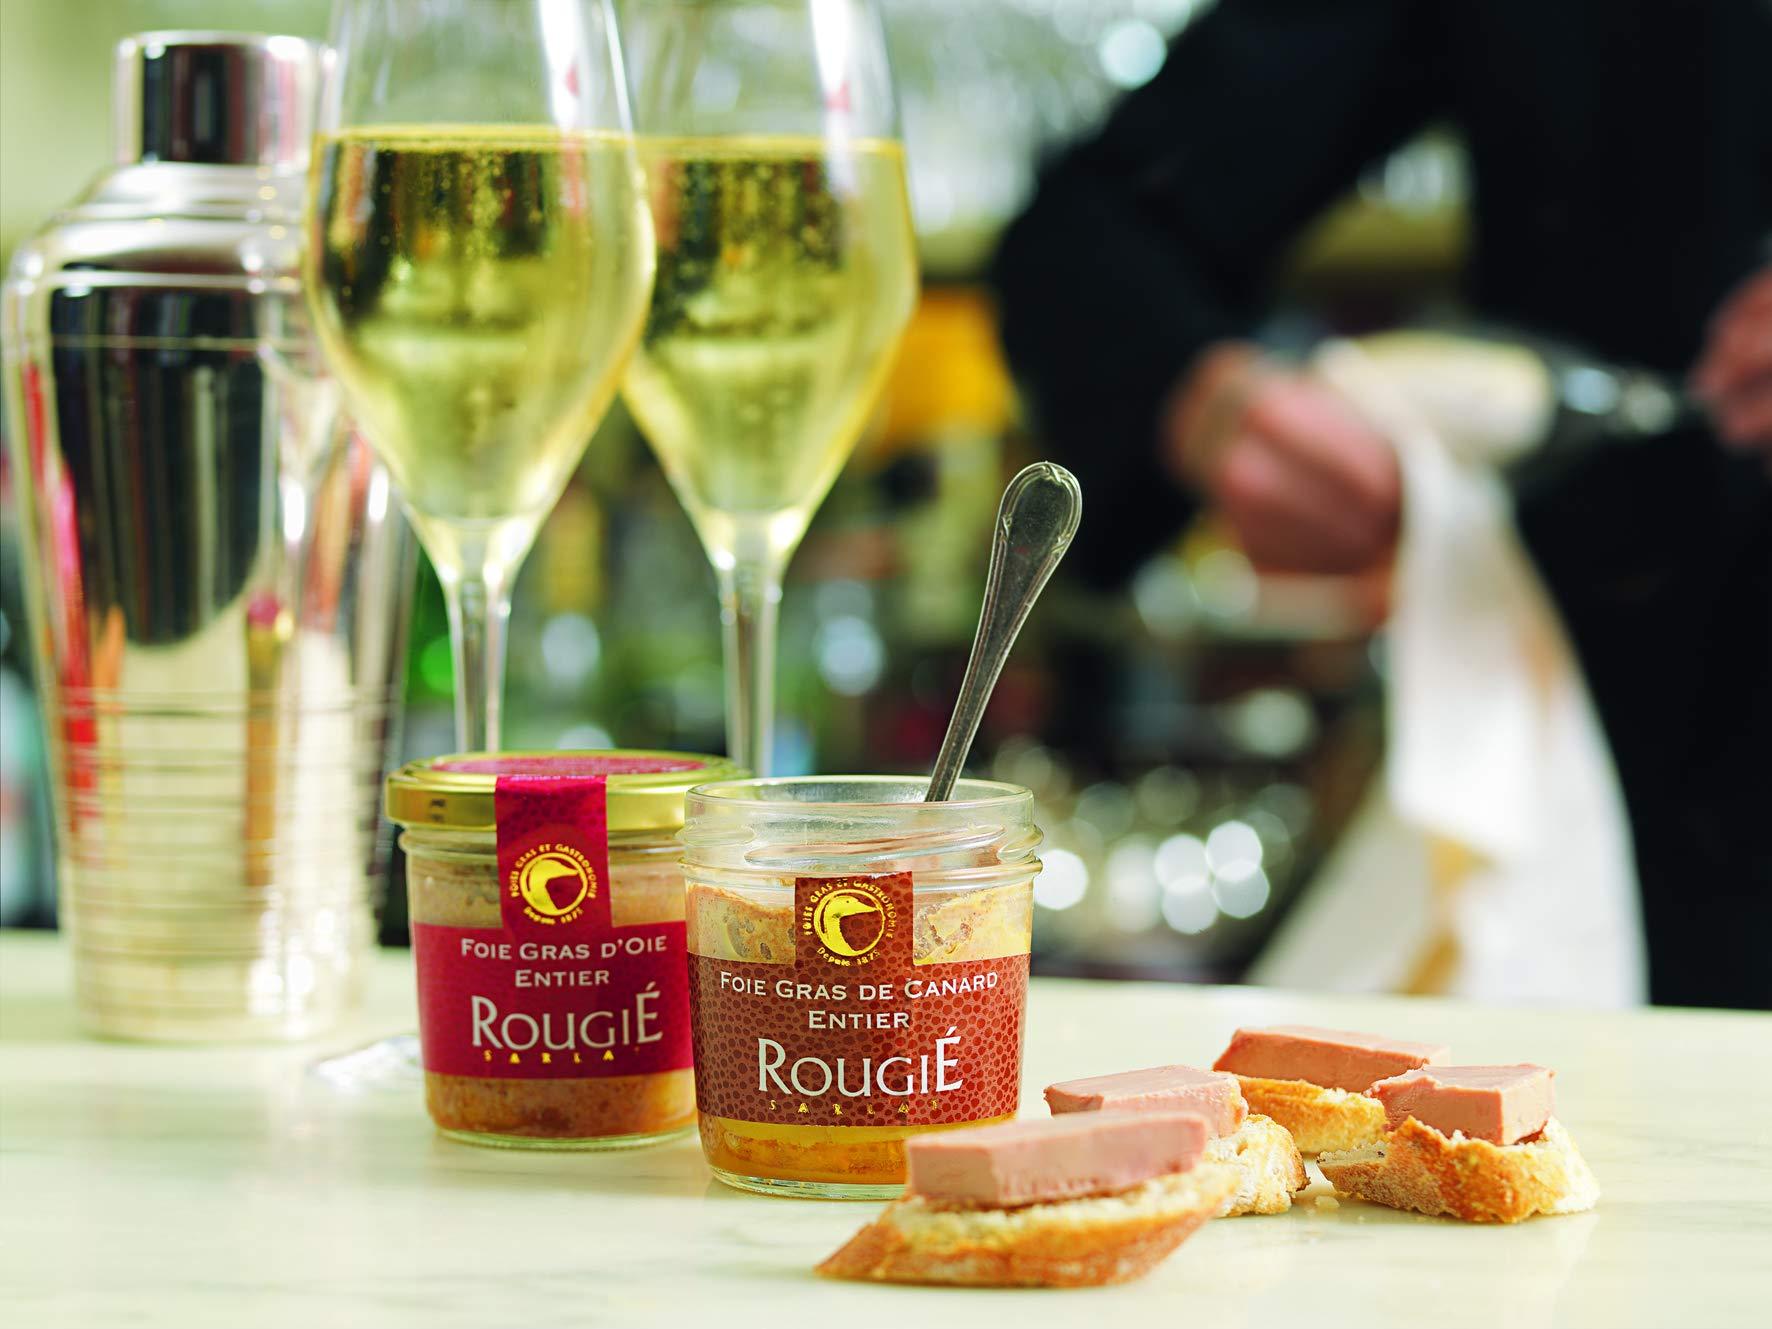 Rougie Duck Foie Gras in Glass Jar 4.4oz